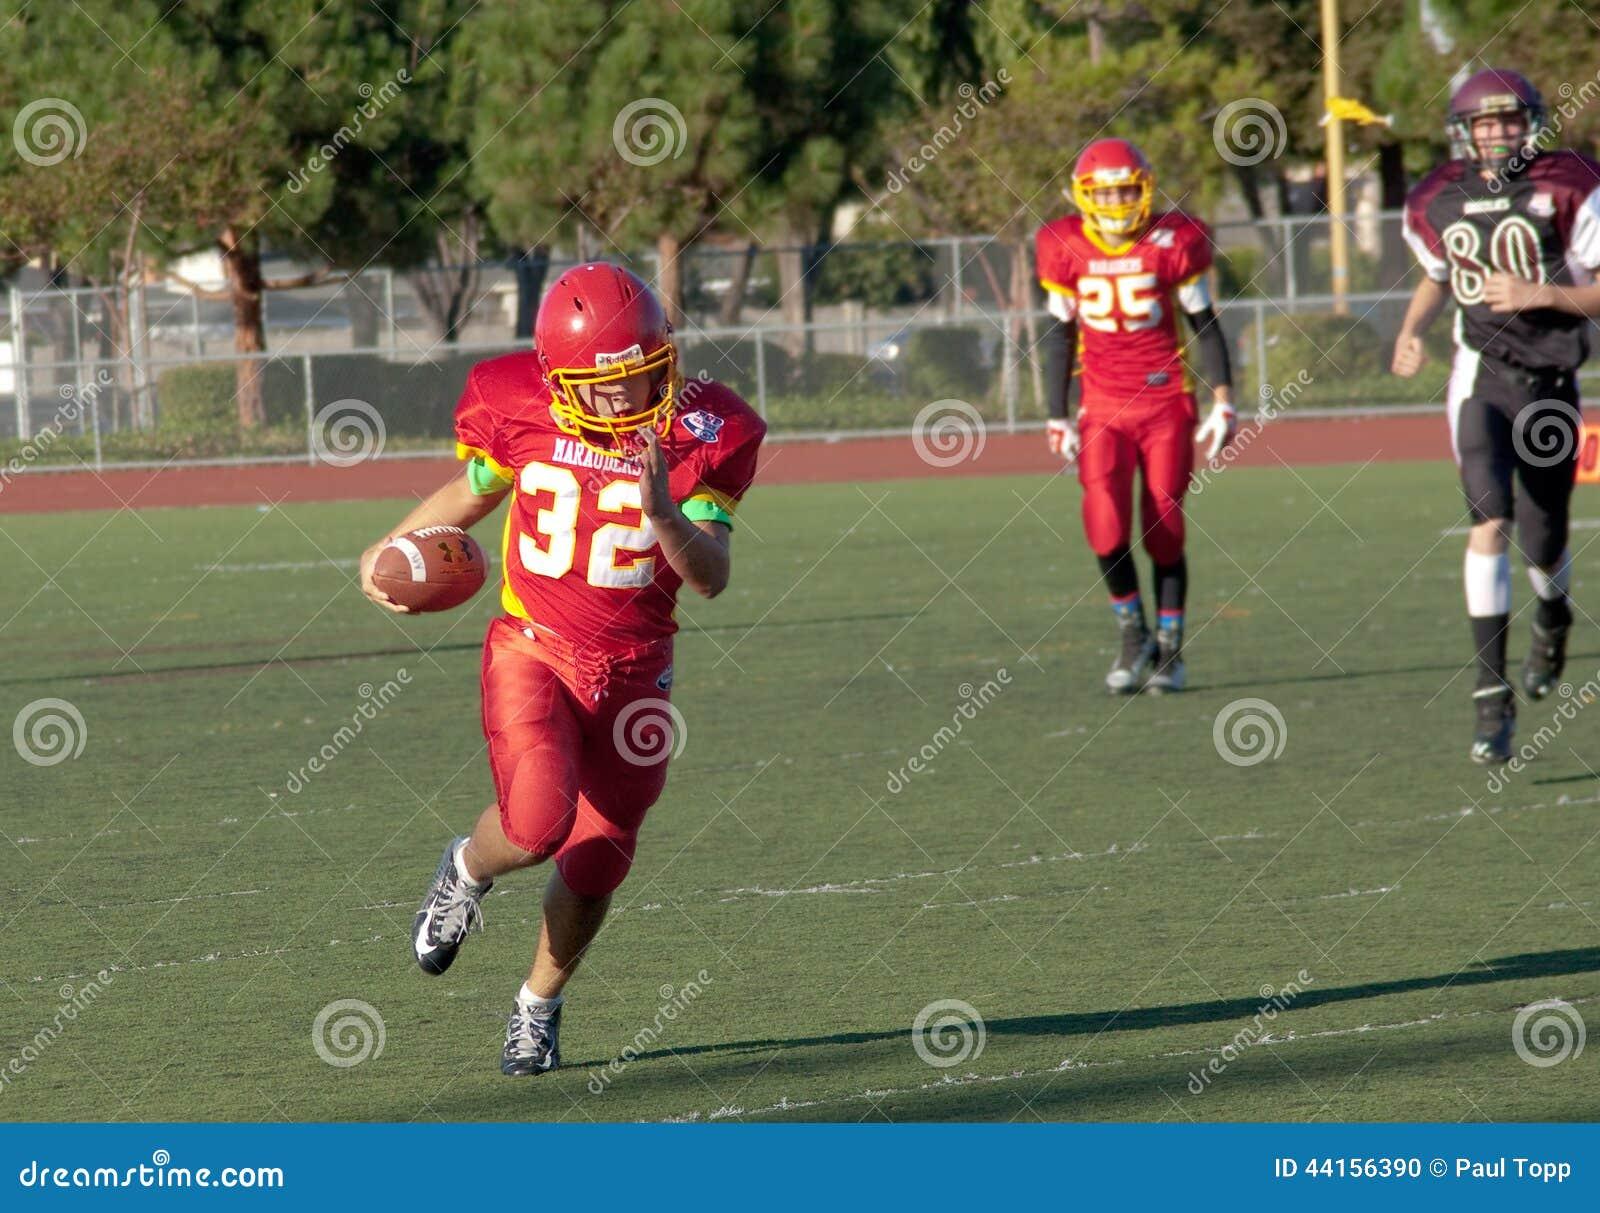 Amerikaanse Voetbalster die met de Bal lopen